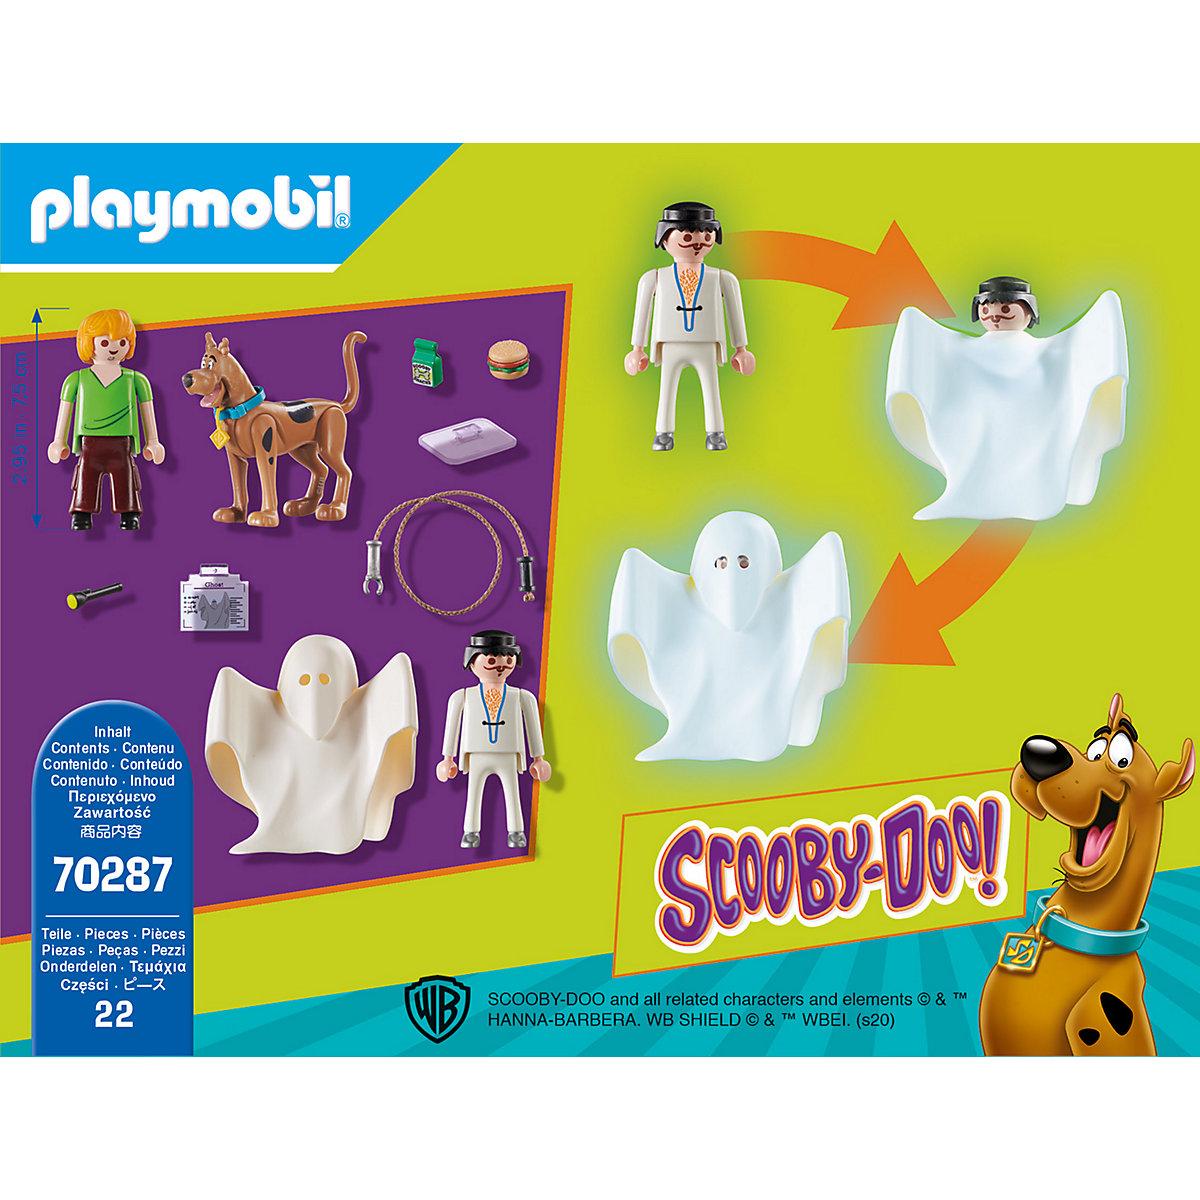 PLAYMOBIL® 70287 SCOOBY-DOO! Scooby & Shaggy mit Geist PLAYMOBIL SCOOBY-DOO! p2ueX